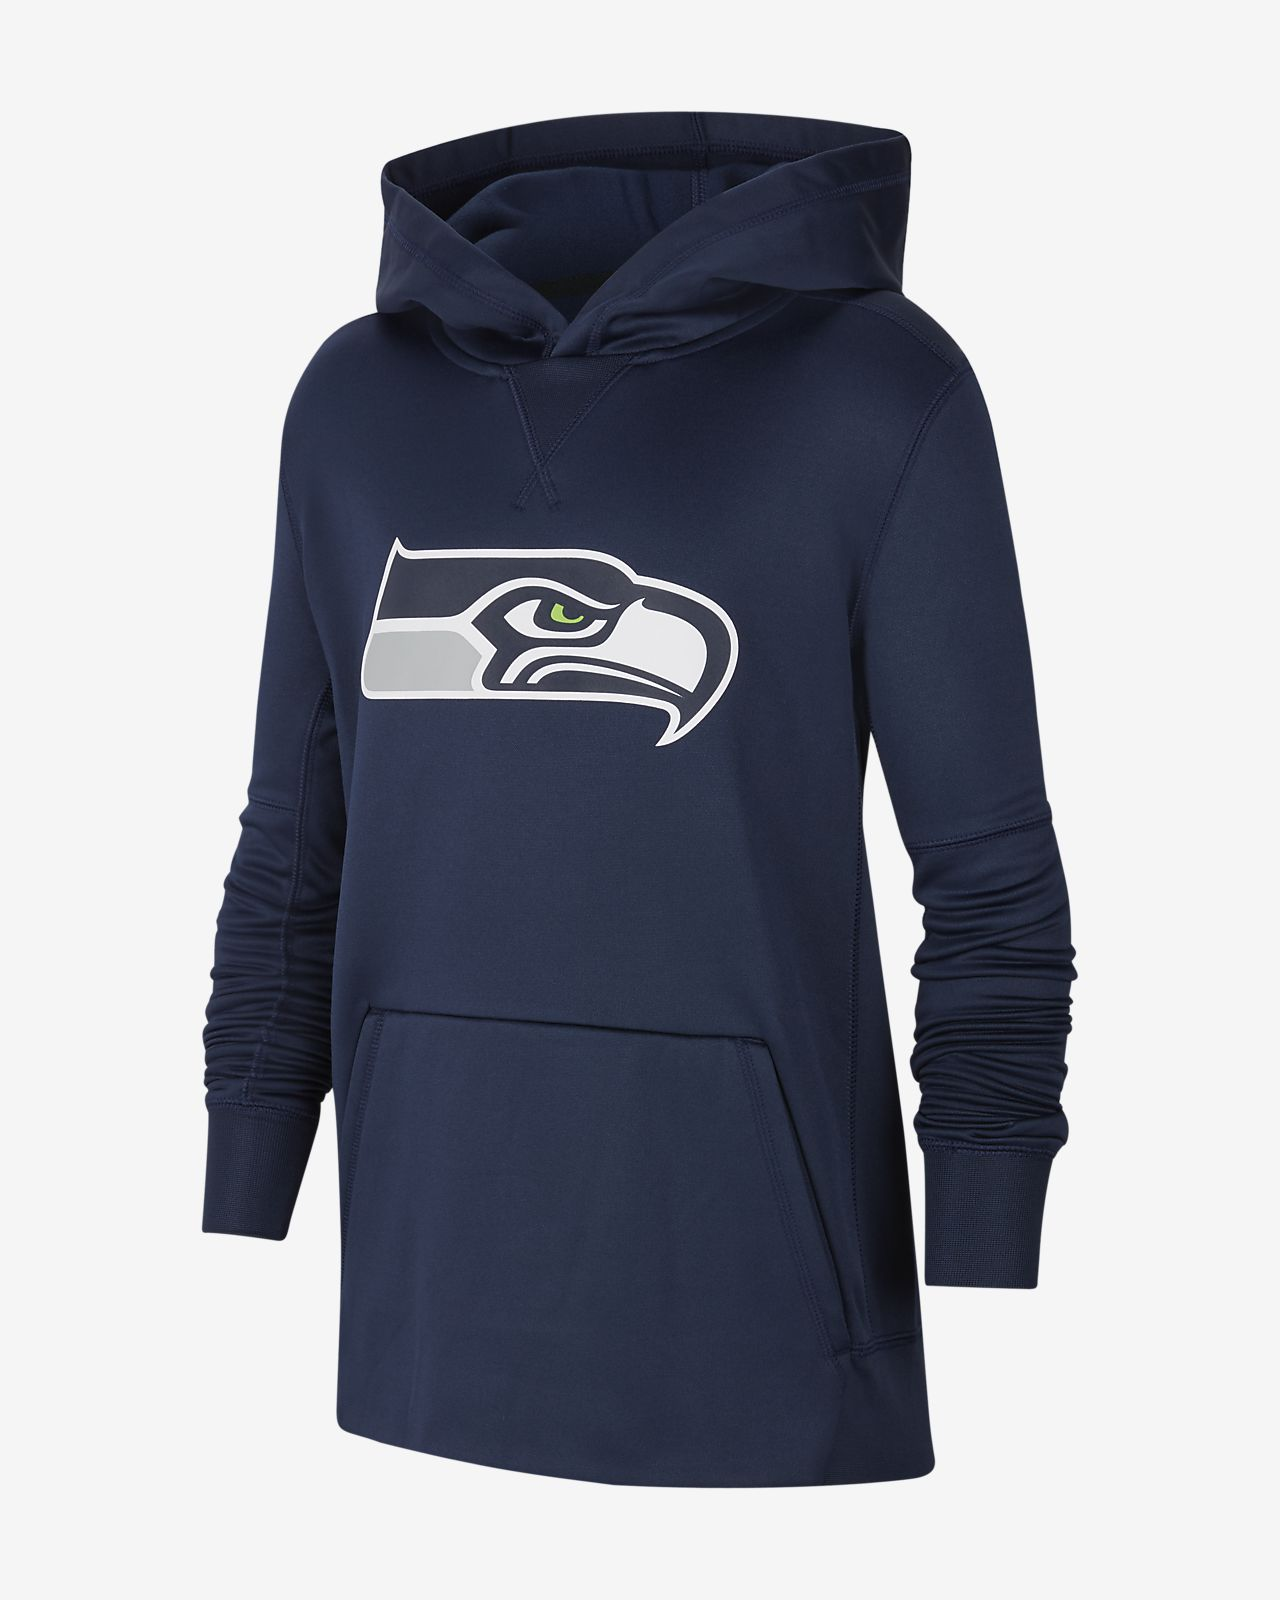 Nike (NFL Seahawks) Big Kids' Logo Hoodie